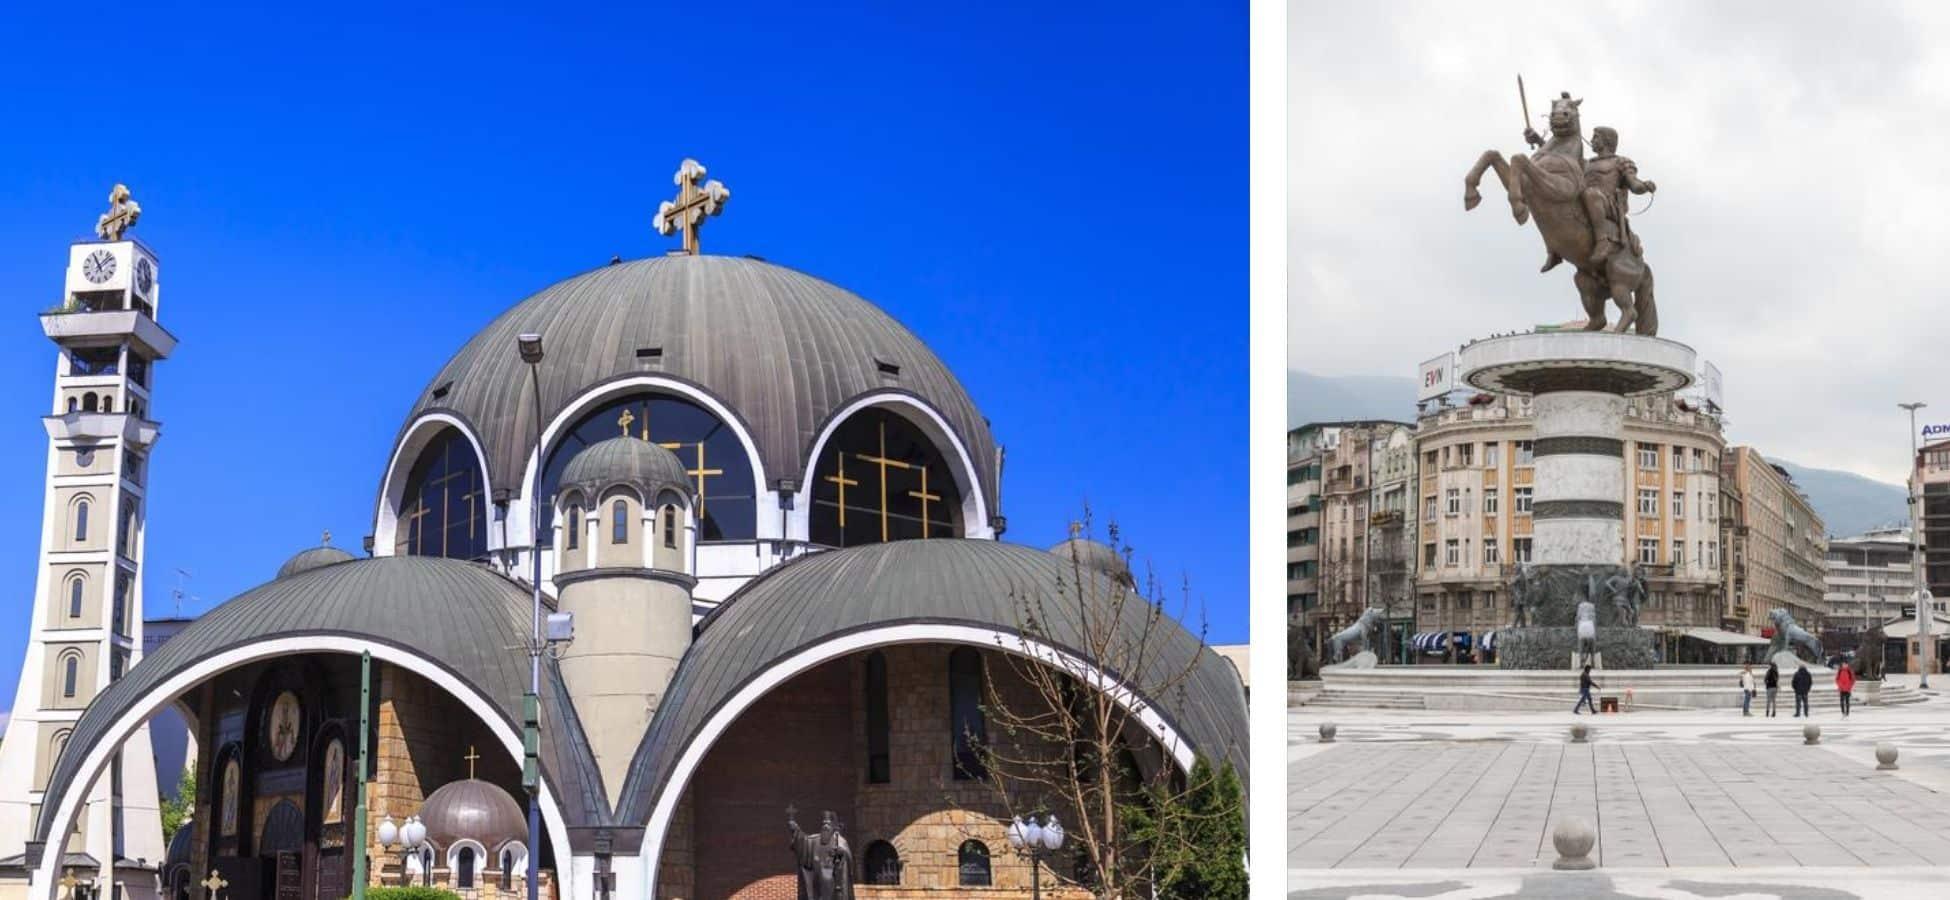 Les monuments modernes de Skopje